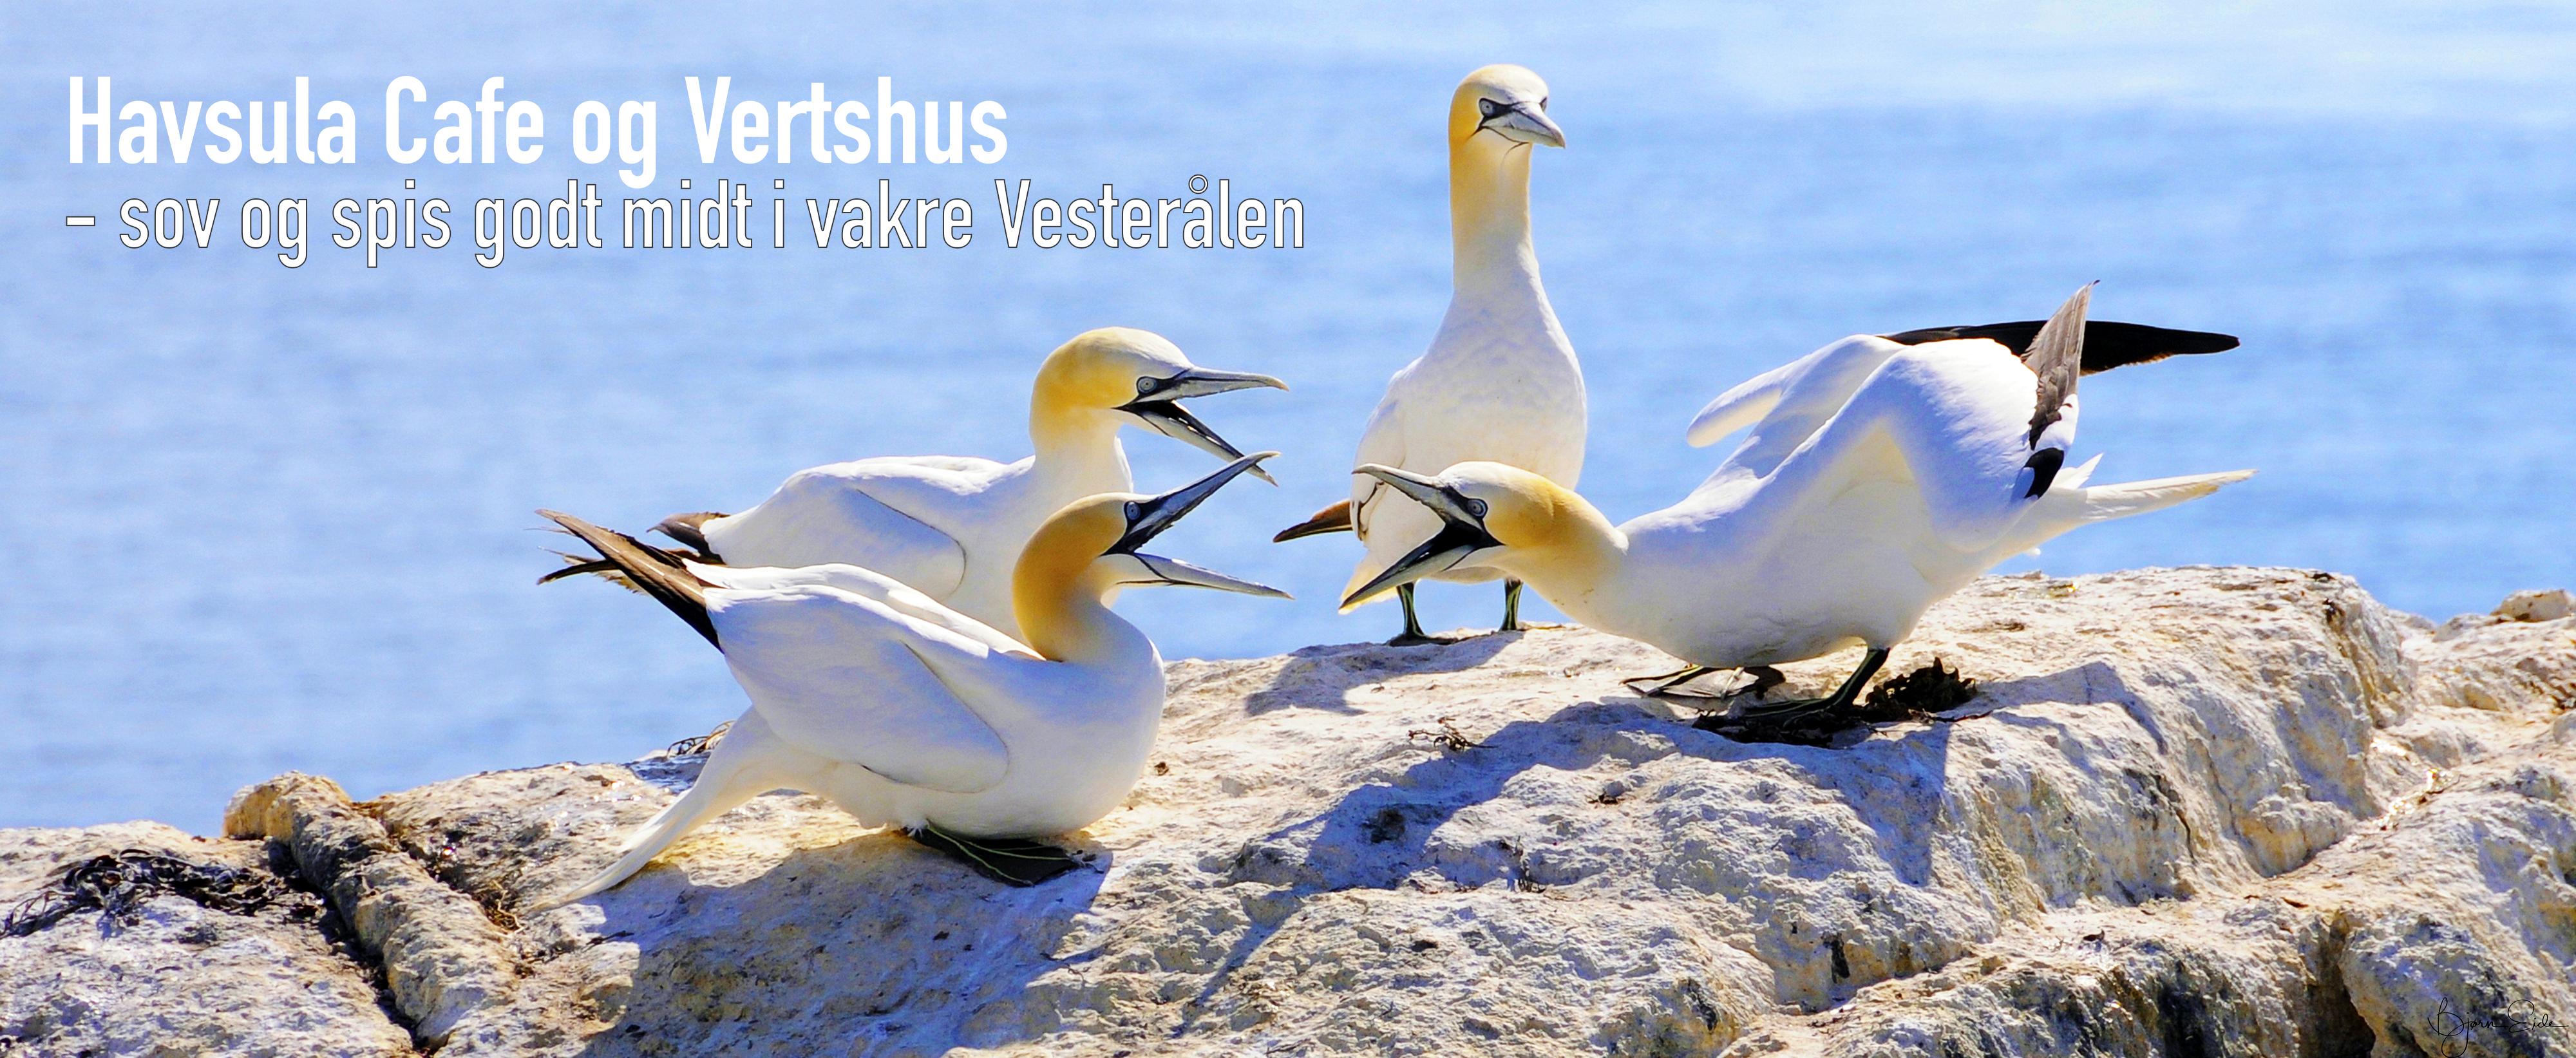 Havsula Cafe og Vertshus